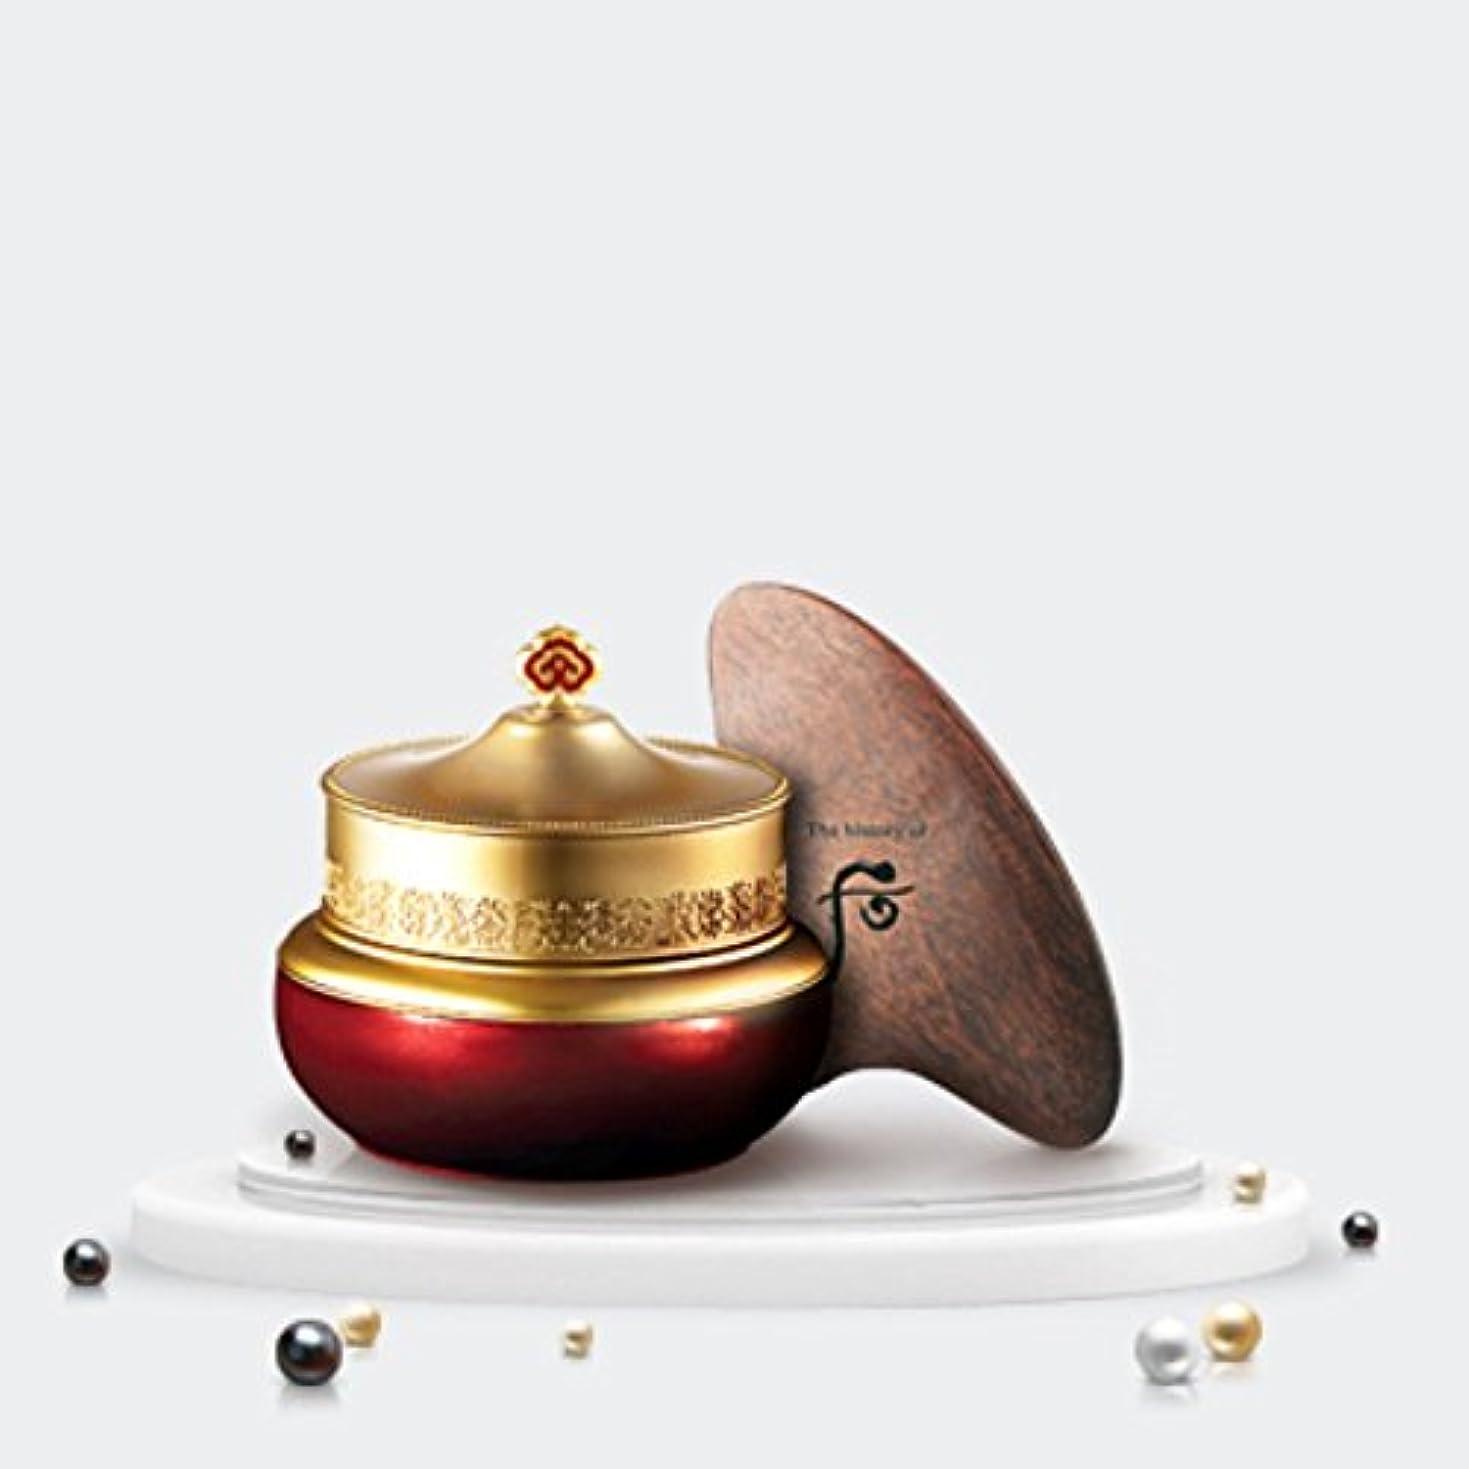 増幅する松の木二週間The History of Whoo Jinyulhyang Essential Massage Mask 100ml/ザ ヒストリー オブ フー (后) 津率享 エッセンシャル マッサージ マスク 100ml